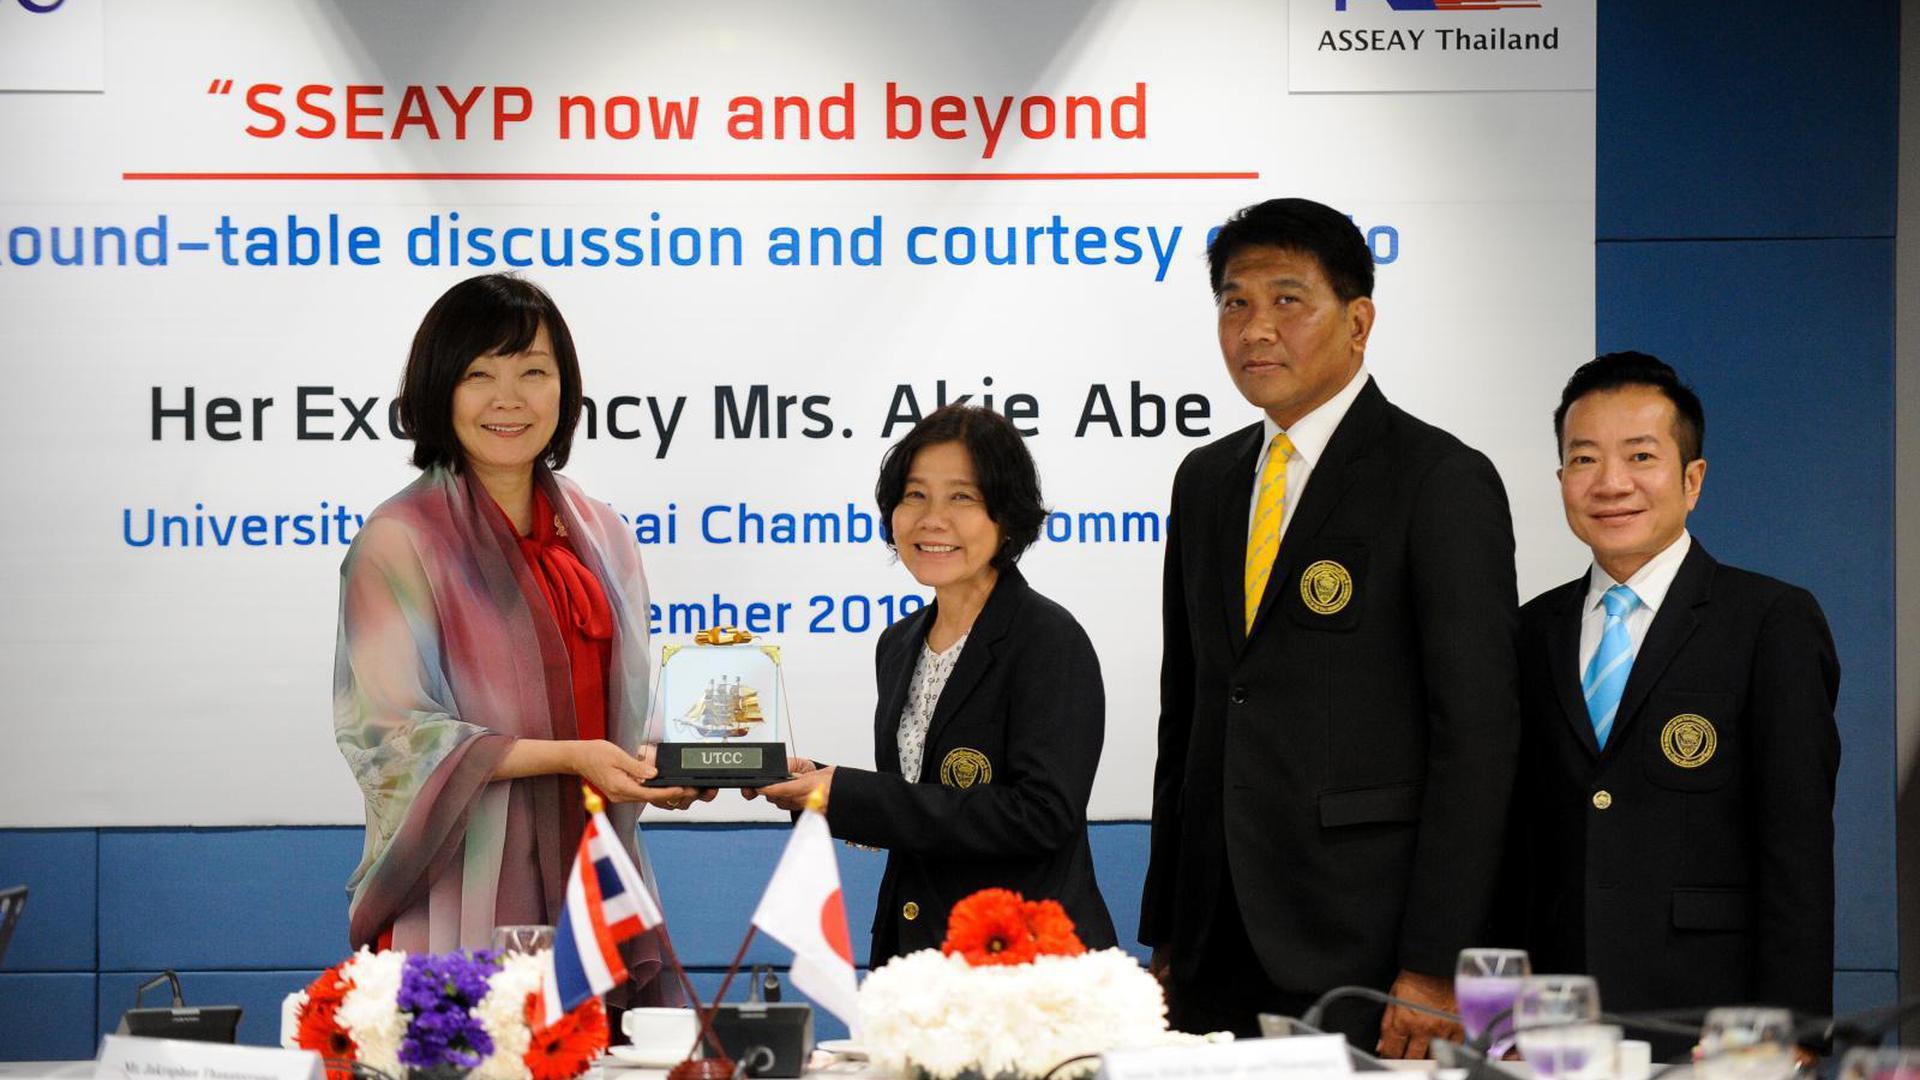 ม.หอการค้าไทย เปิดบ้านต้อนรับภริยานายกรัฐมนตรีญี่ปุ่น ร่วมสร้างเยาวชนคุณภาพผ่านโครงการเรือเยาวชนเอเชียอาคเนย์